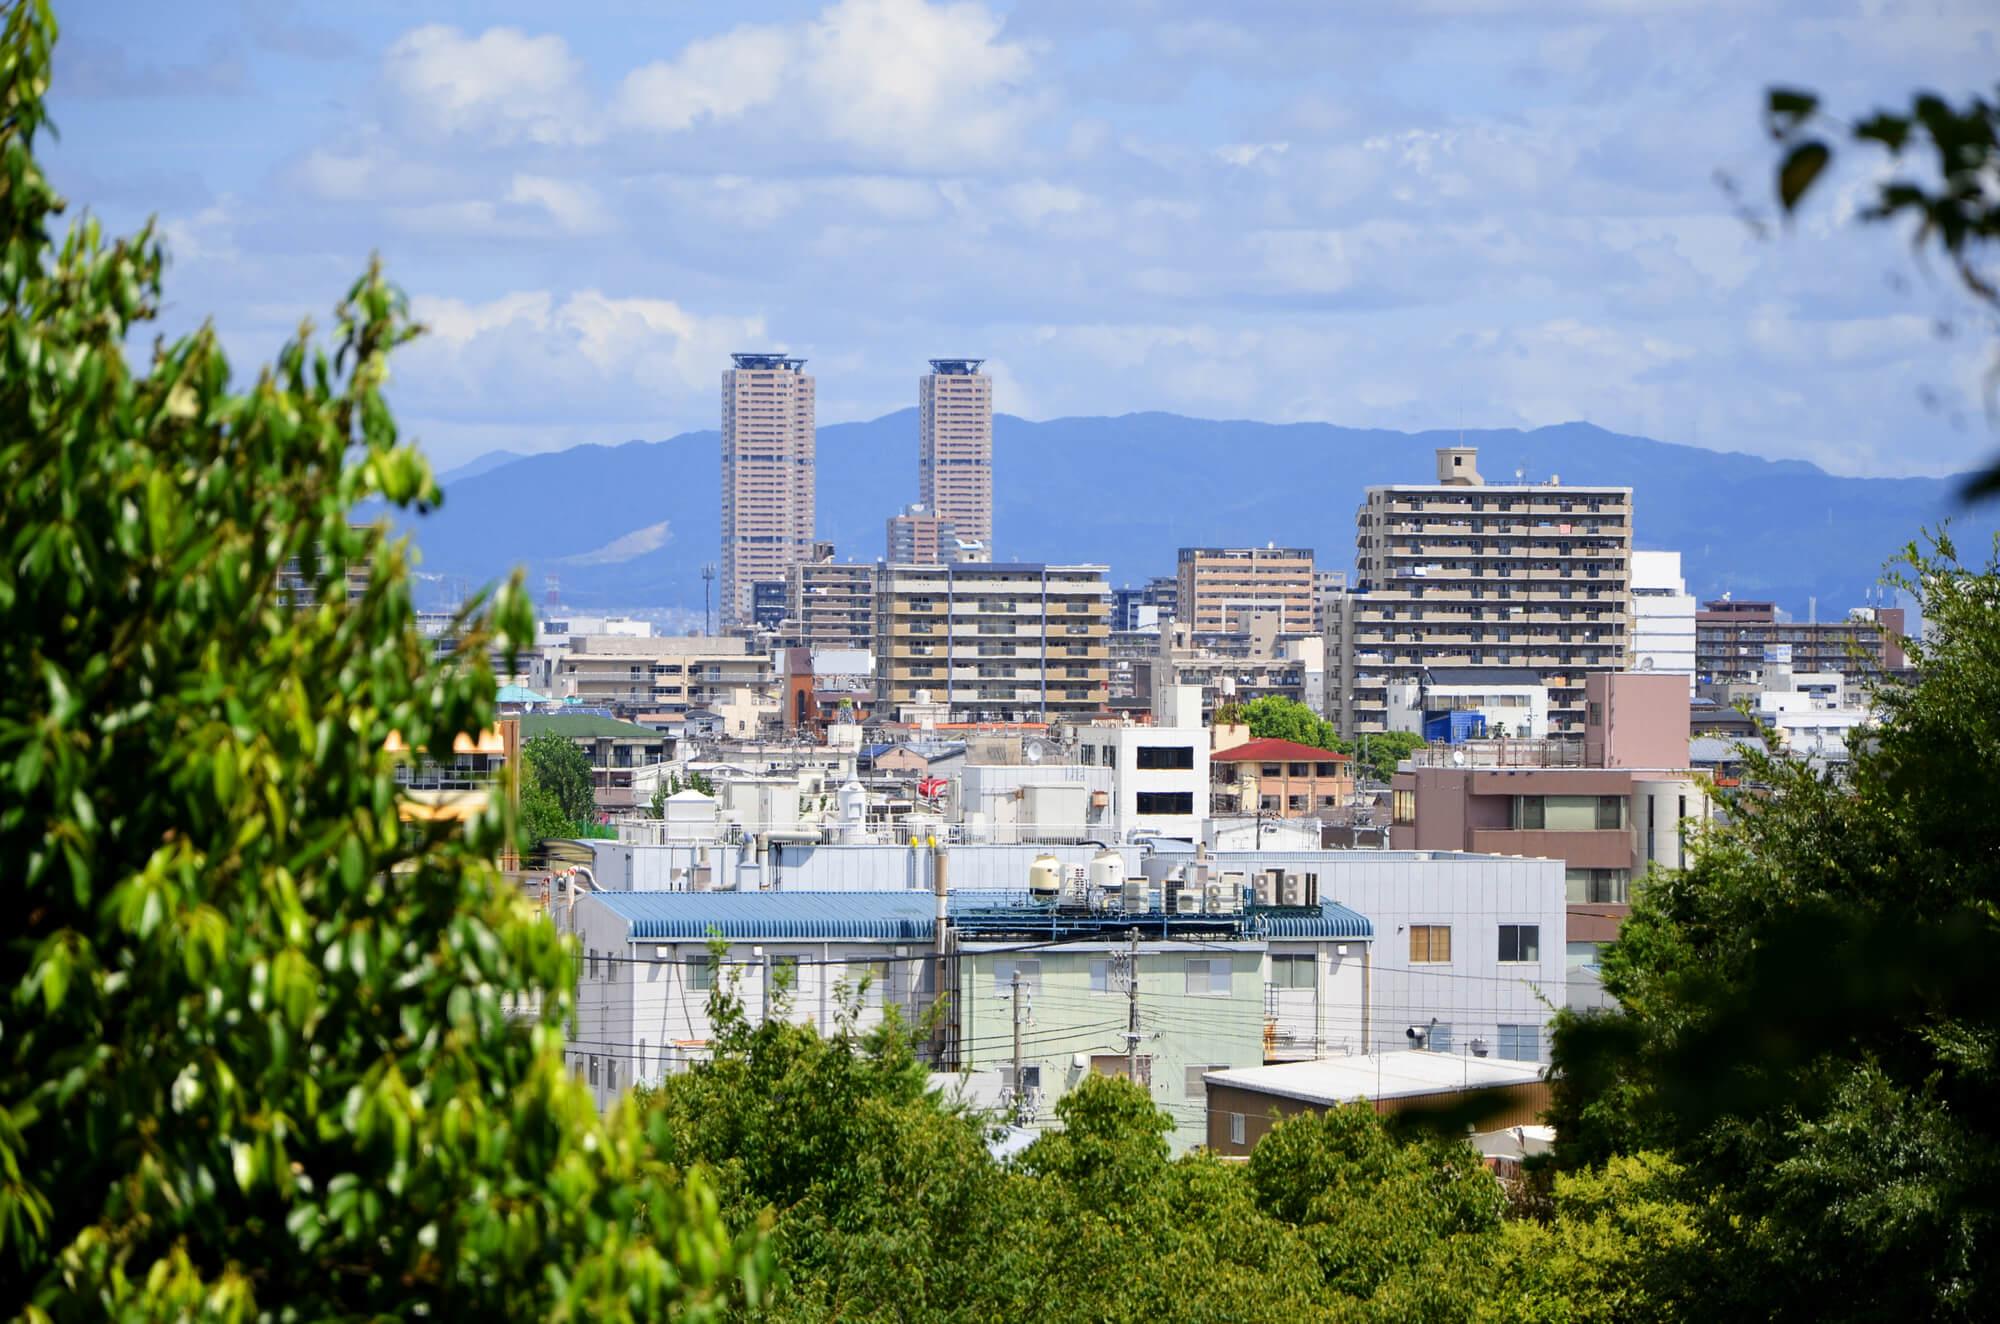 自然豊かな街並み